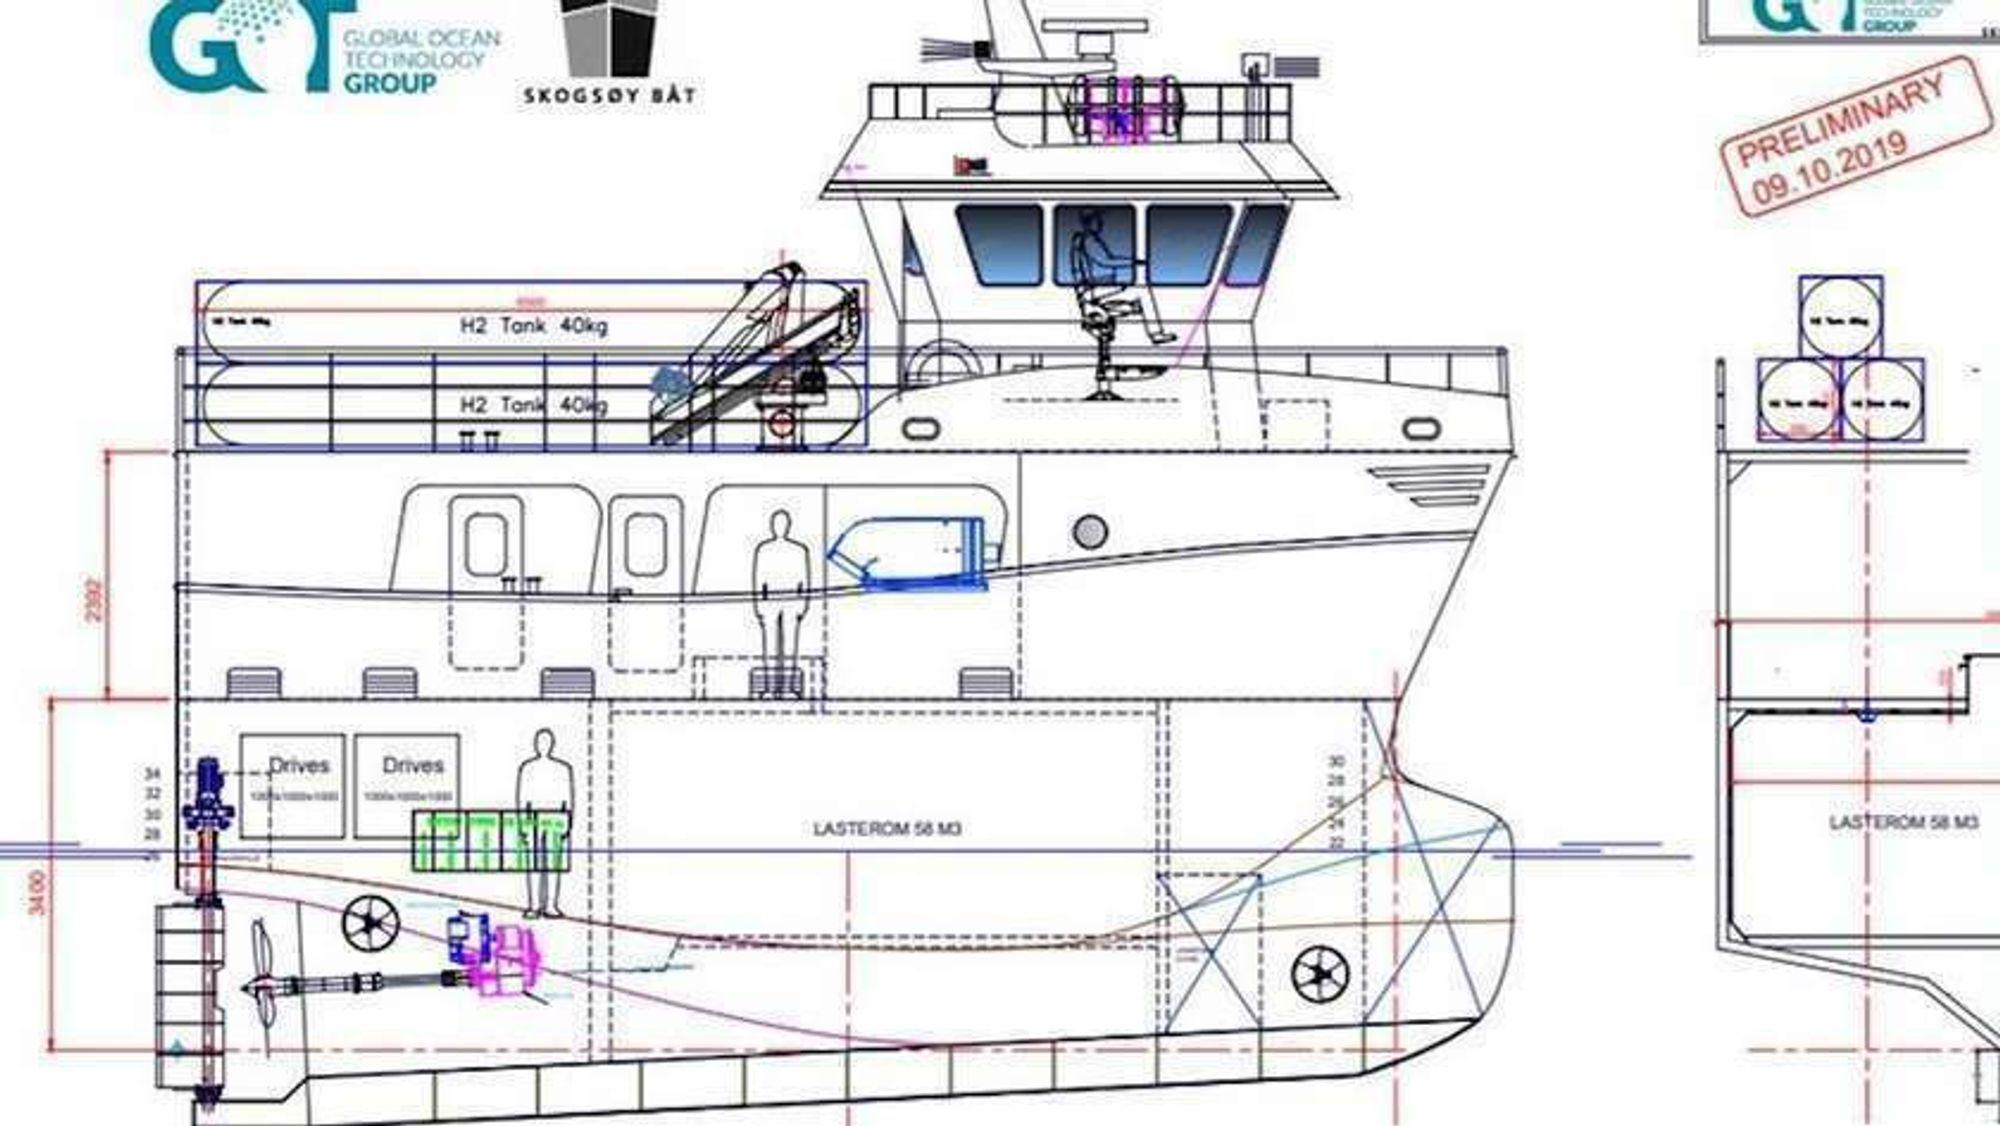 Den hydrogendrevne fiskebåten kommer ikke til å bli bygget, men en gruppe forskere skal bygge videre på planene.